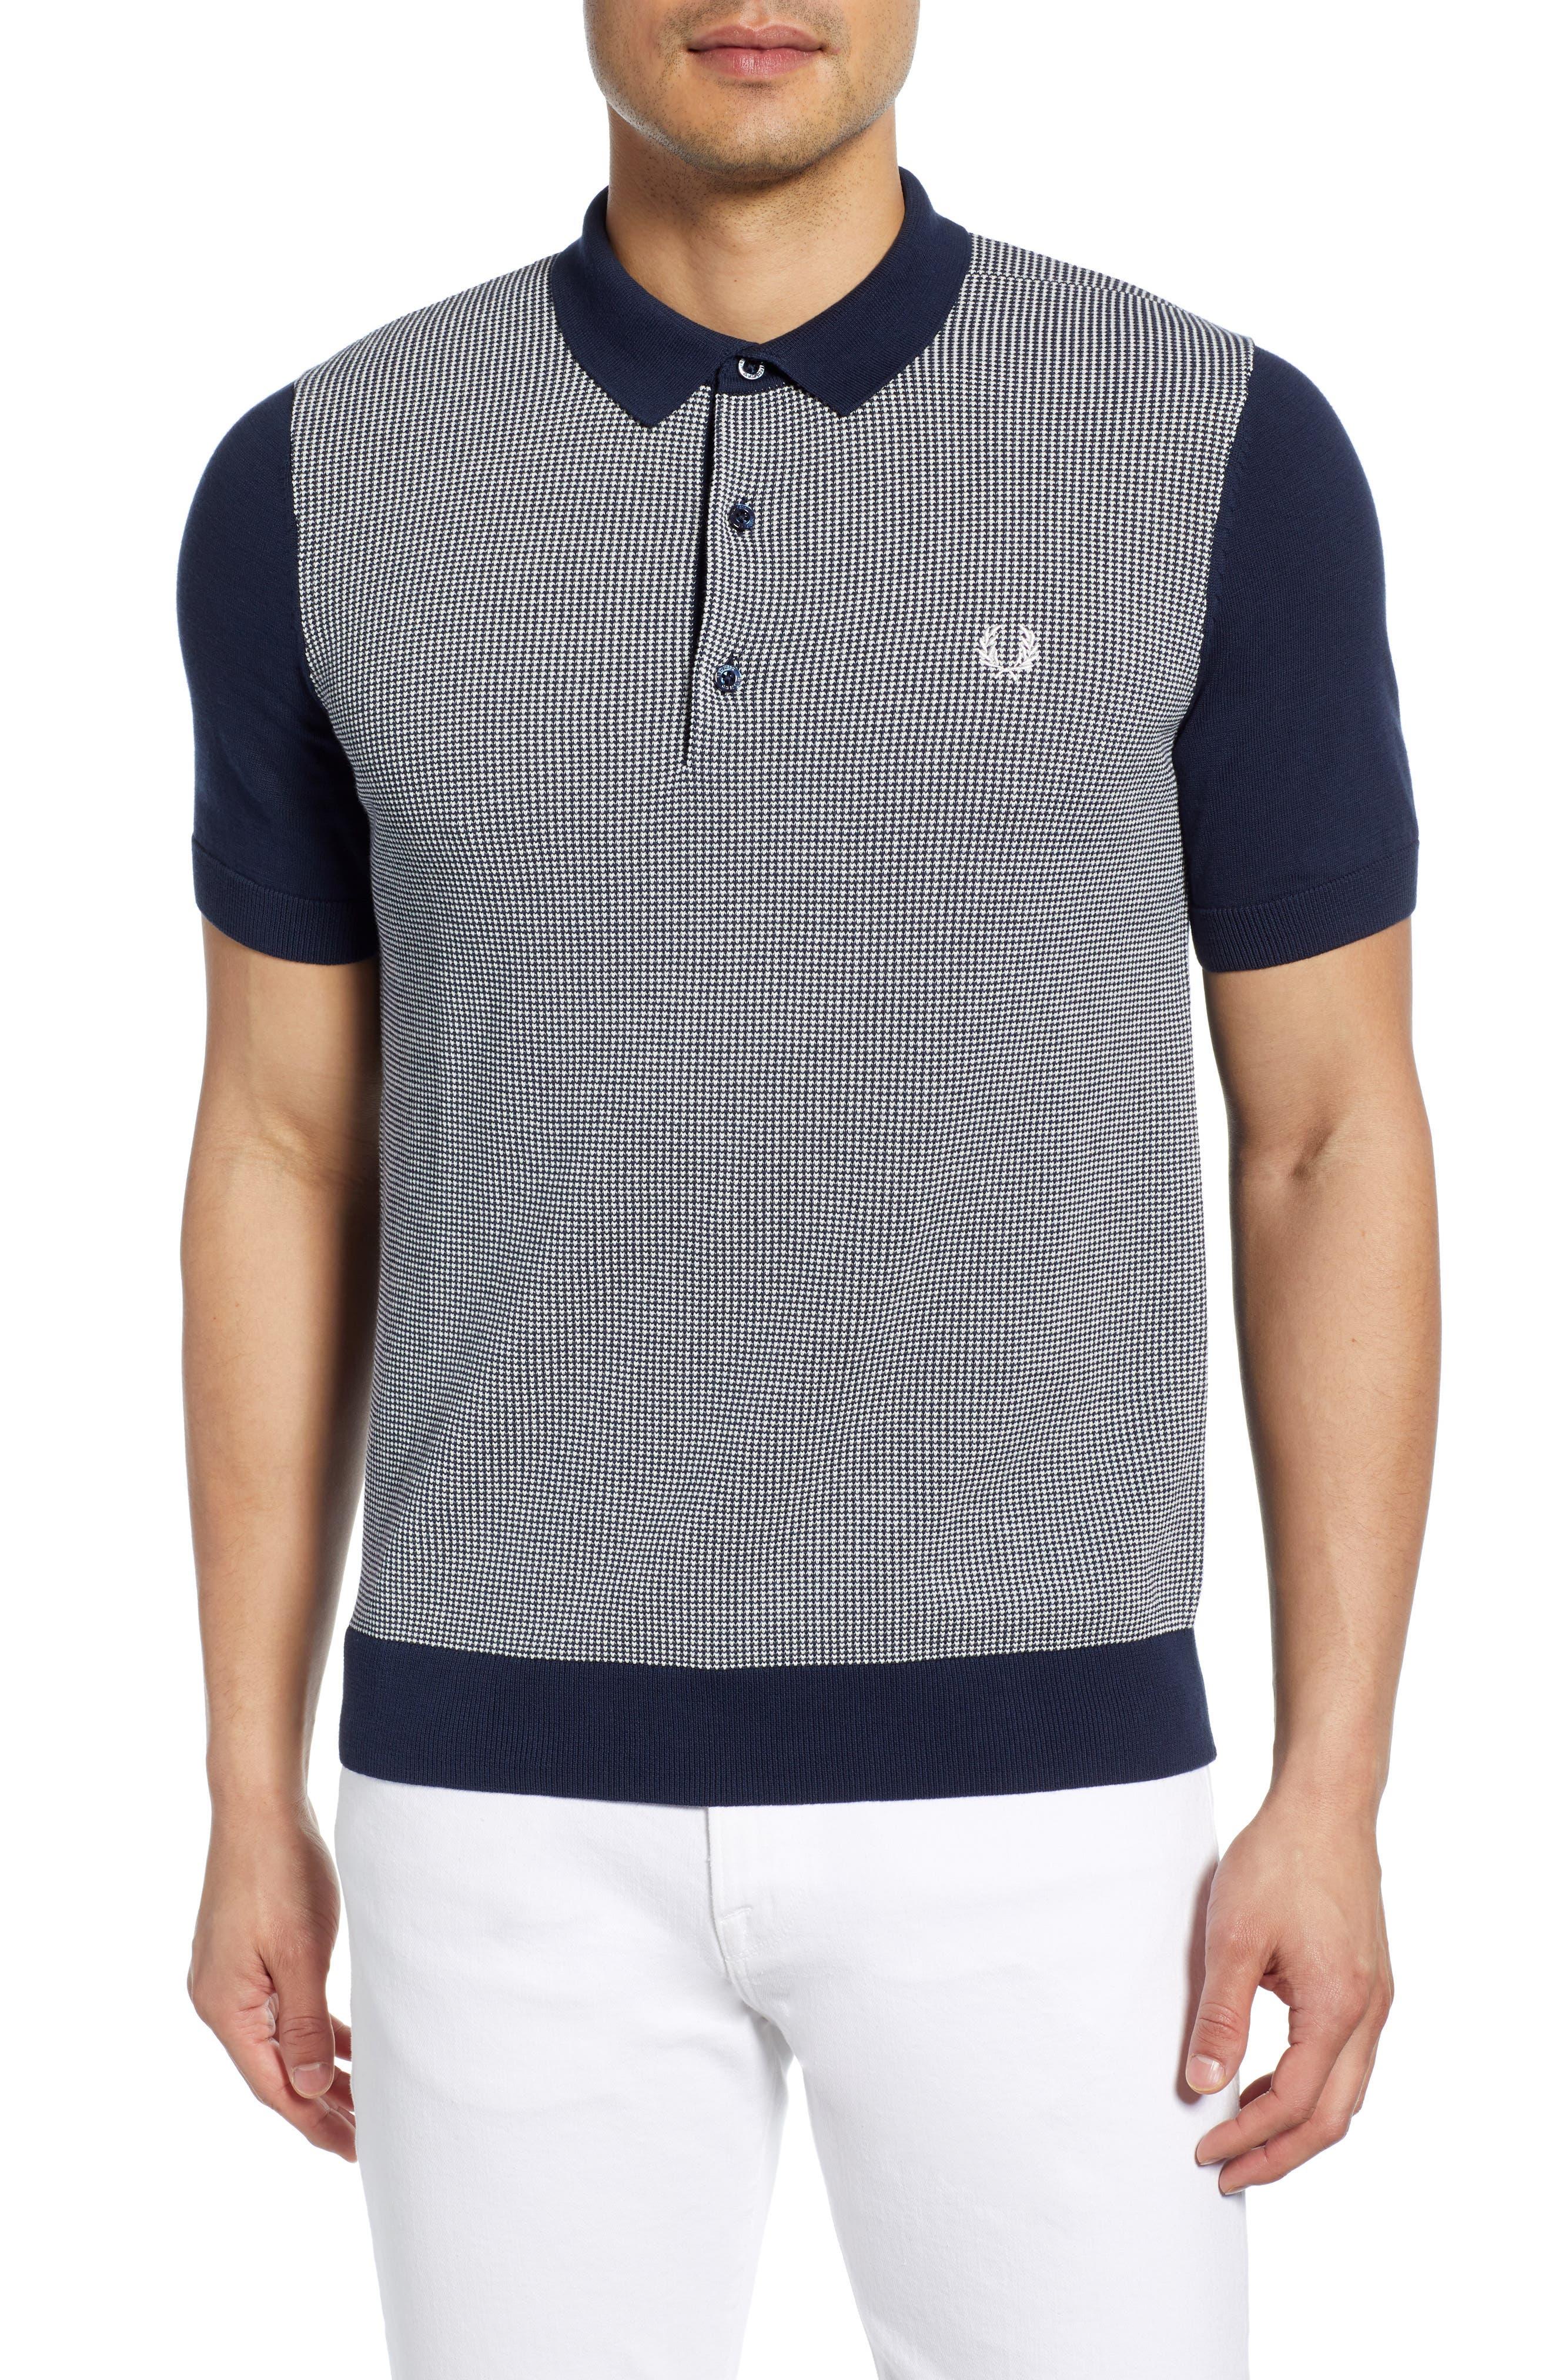 49e53bc84 1940s Style Men s Shirts - Dress